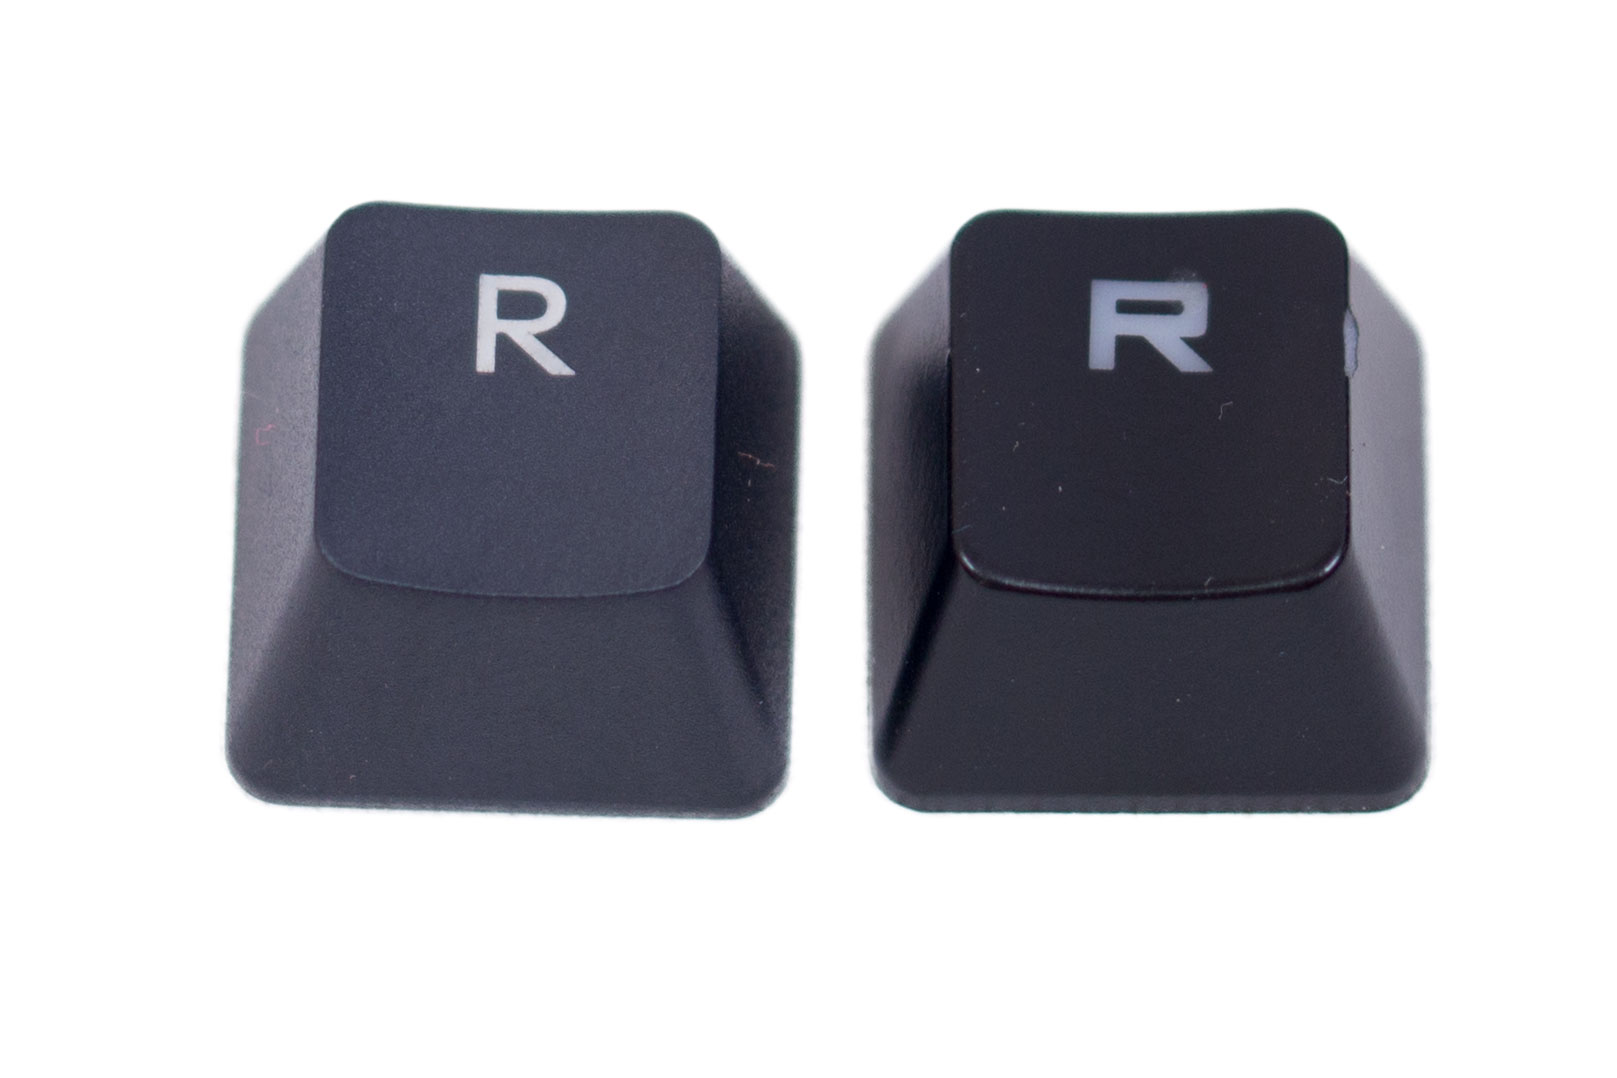 Cooler Master MasterKeys L/S PBT Keyboard Review | bit-tech net